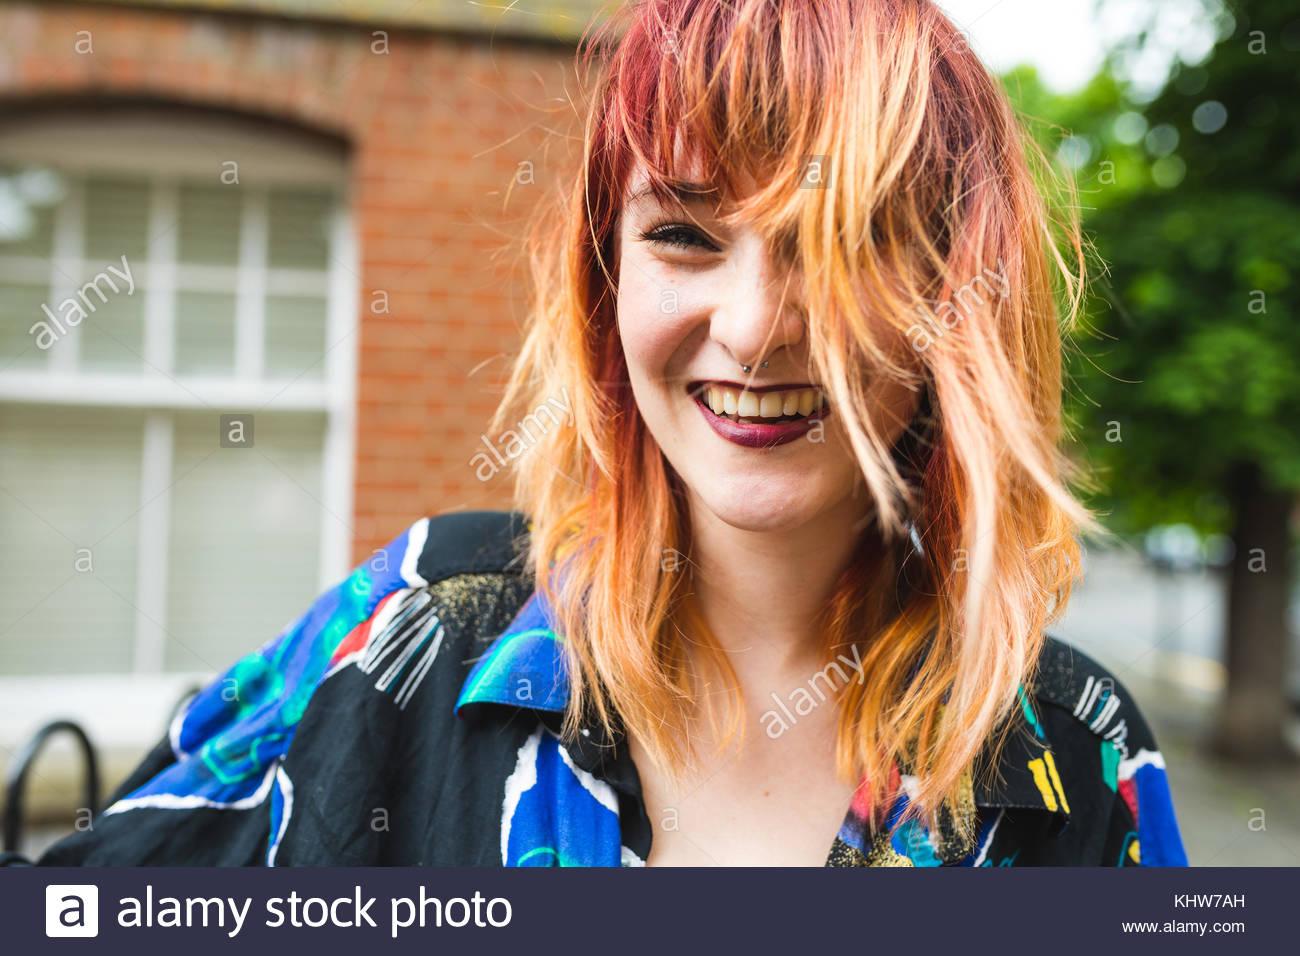 Porträt der jungen Frau mit Dip-gefärbte Haare lachen Stockbild